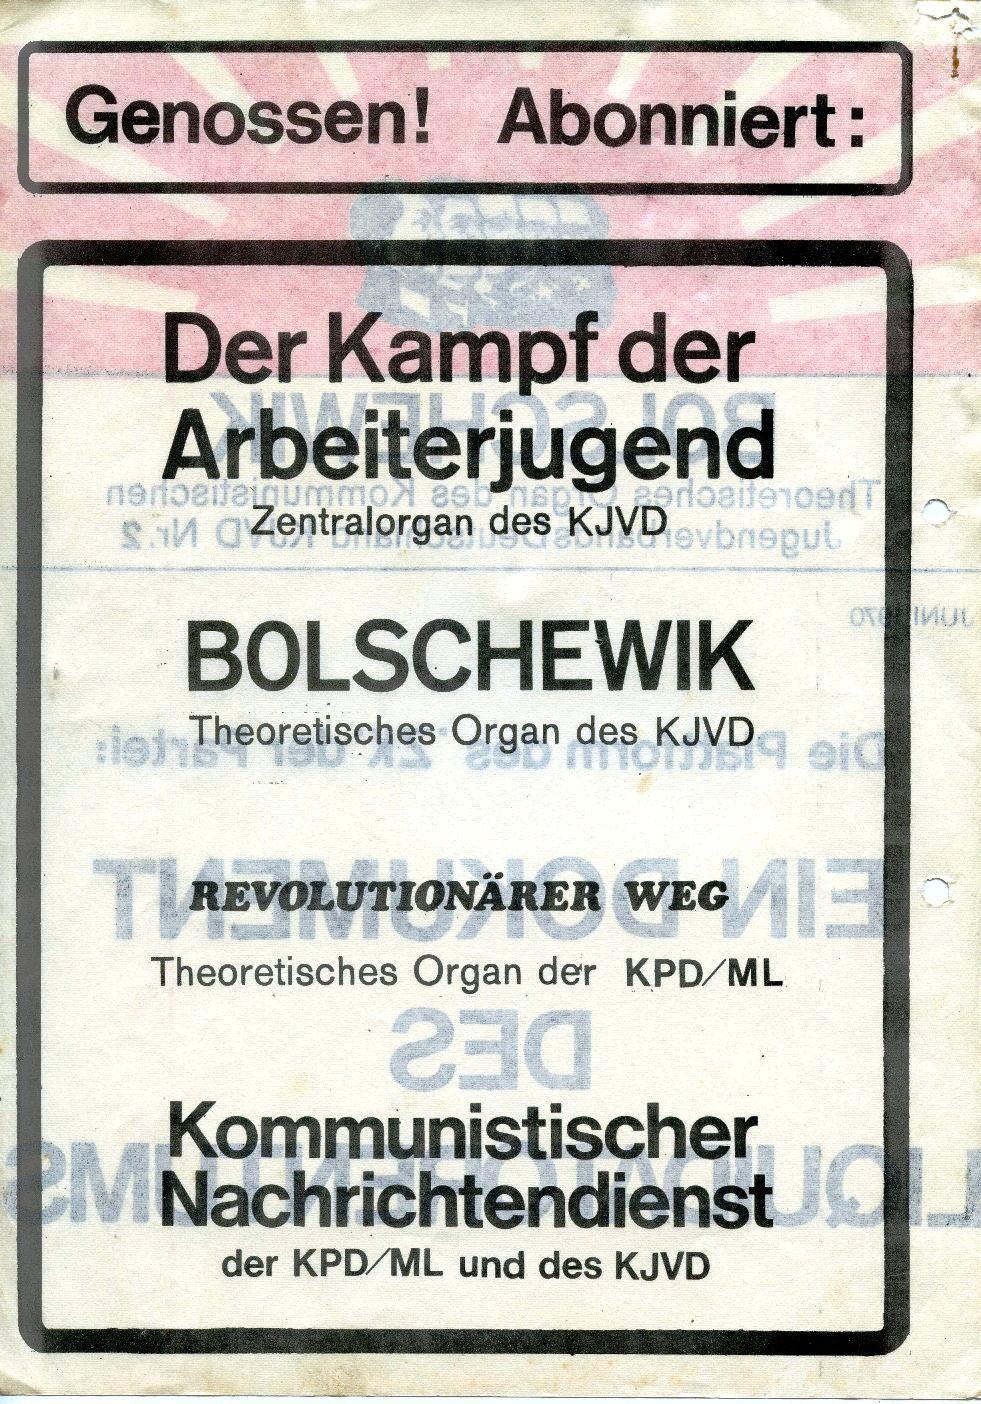 RG_Bolschewik_1970_02_002